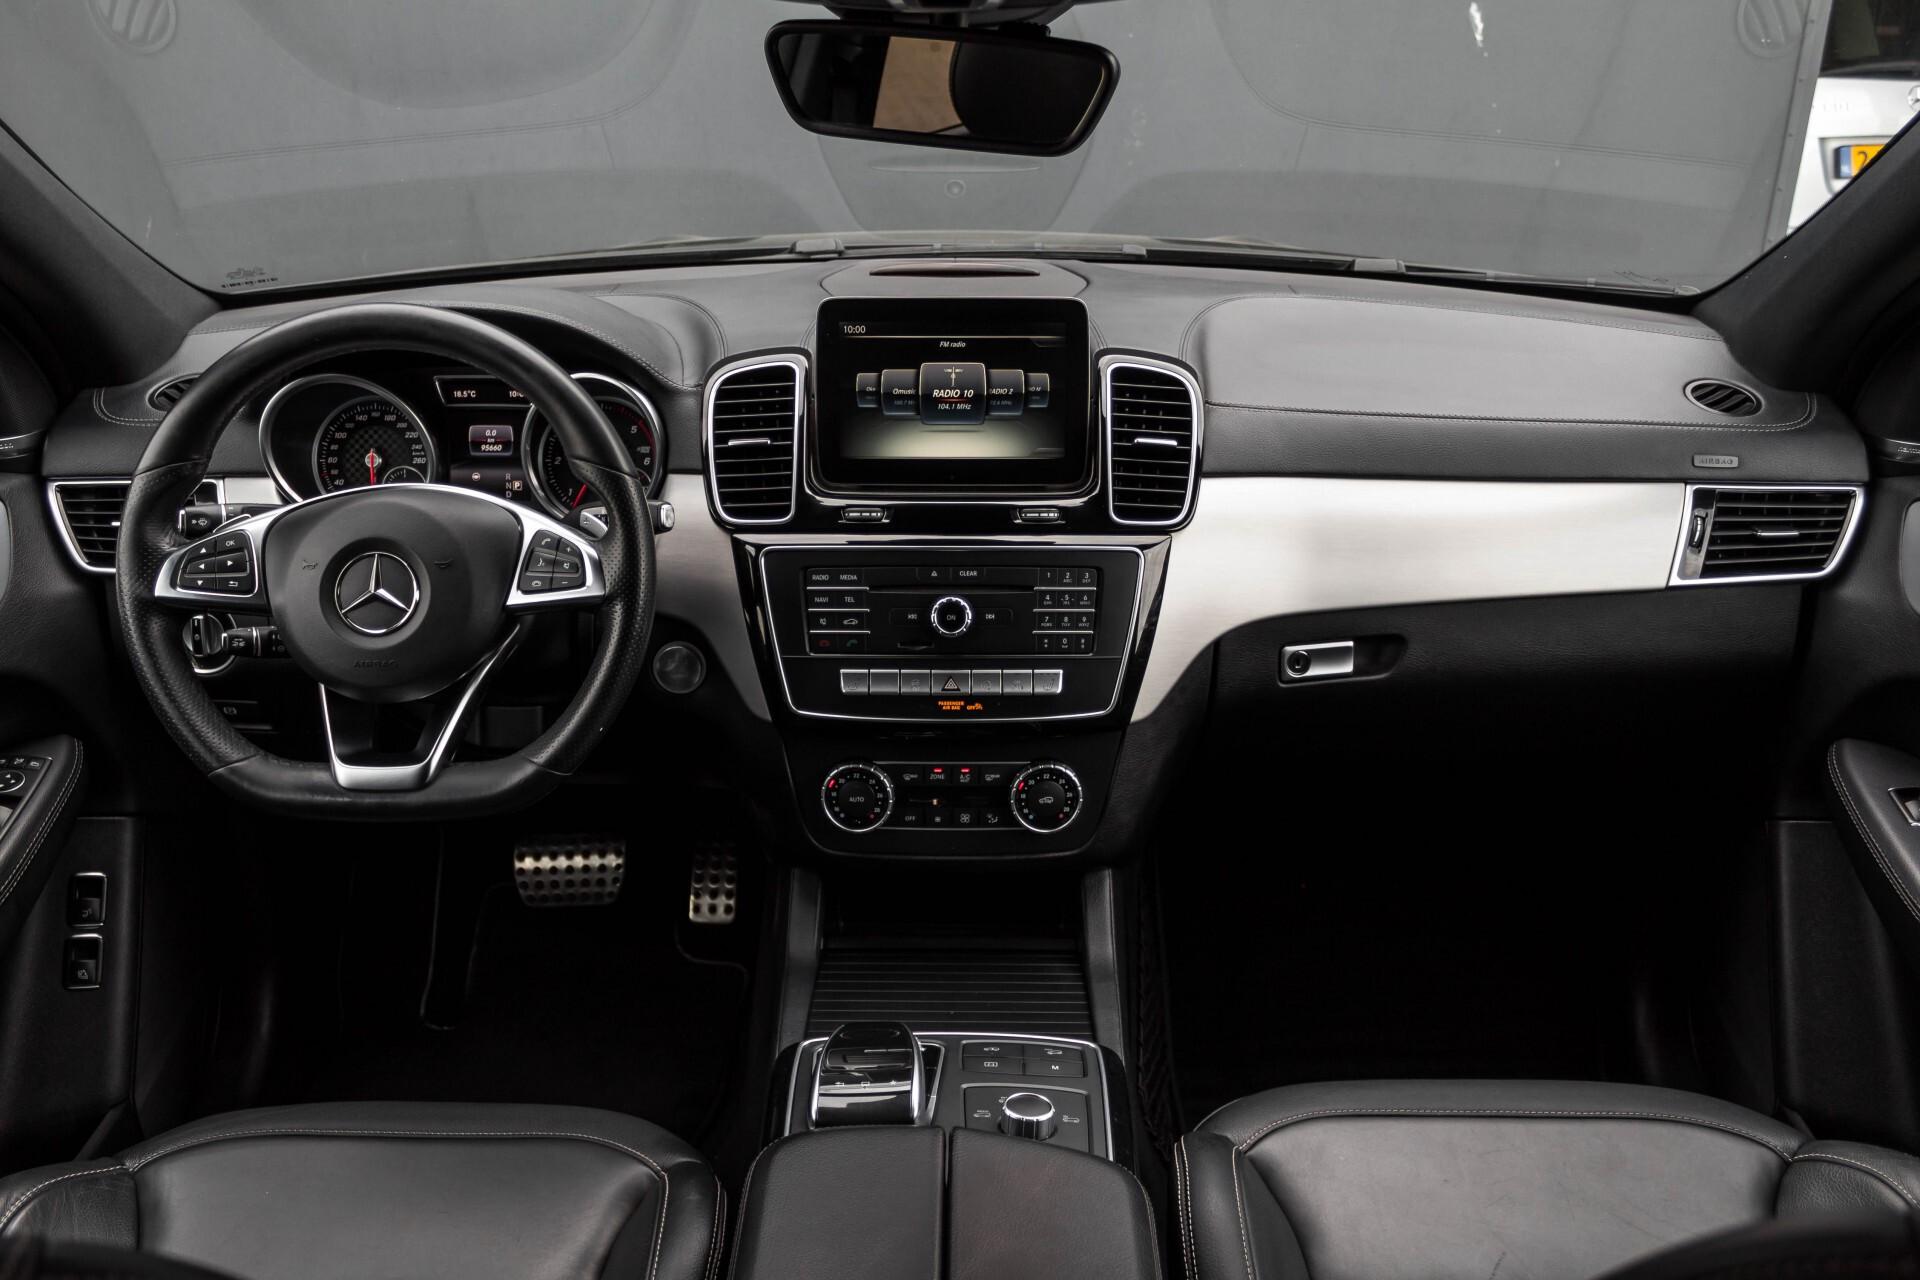 Mercedes-Benz GLE Coupé 350 d 4-M AMG Luchtvering/Distronic/Panorama/Mem/Trekhaak Aut9 Foto 8